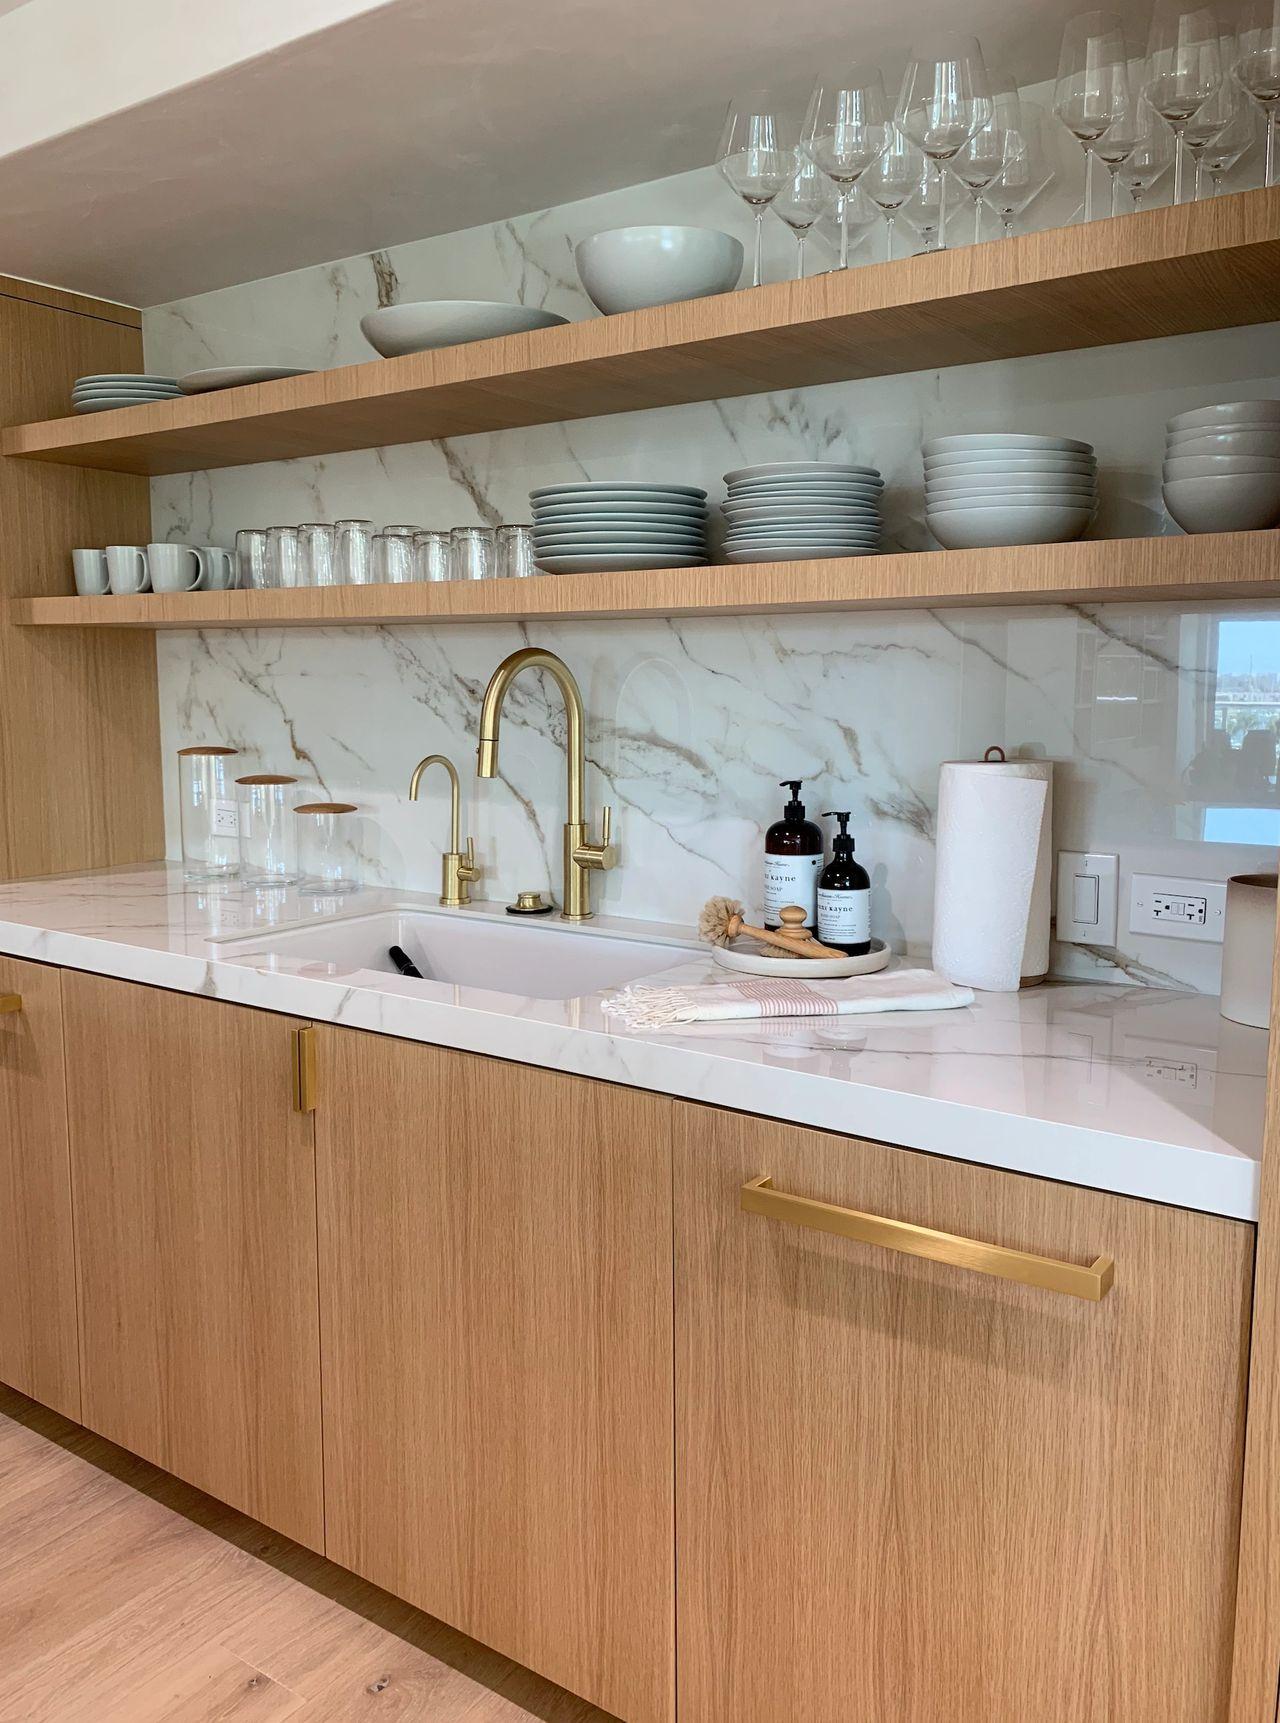 Italian Porcelain Slab Kitchen And Backsplash From Royal Stone